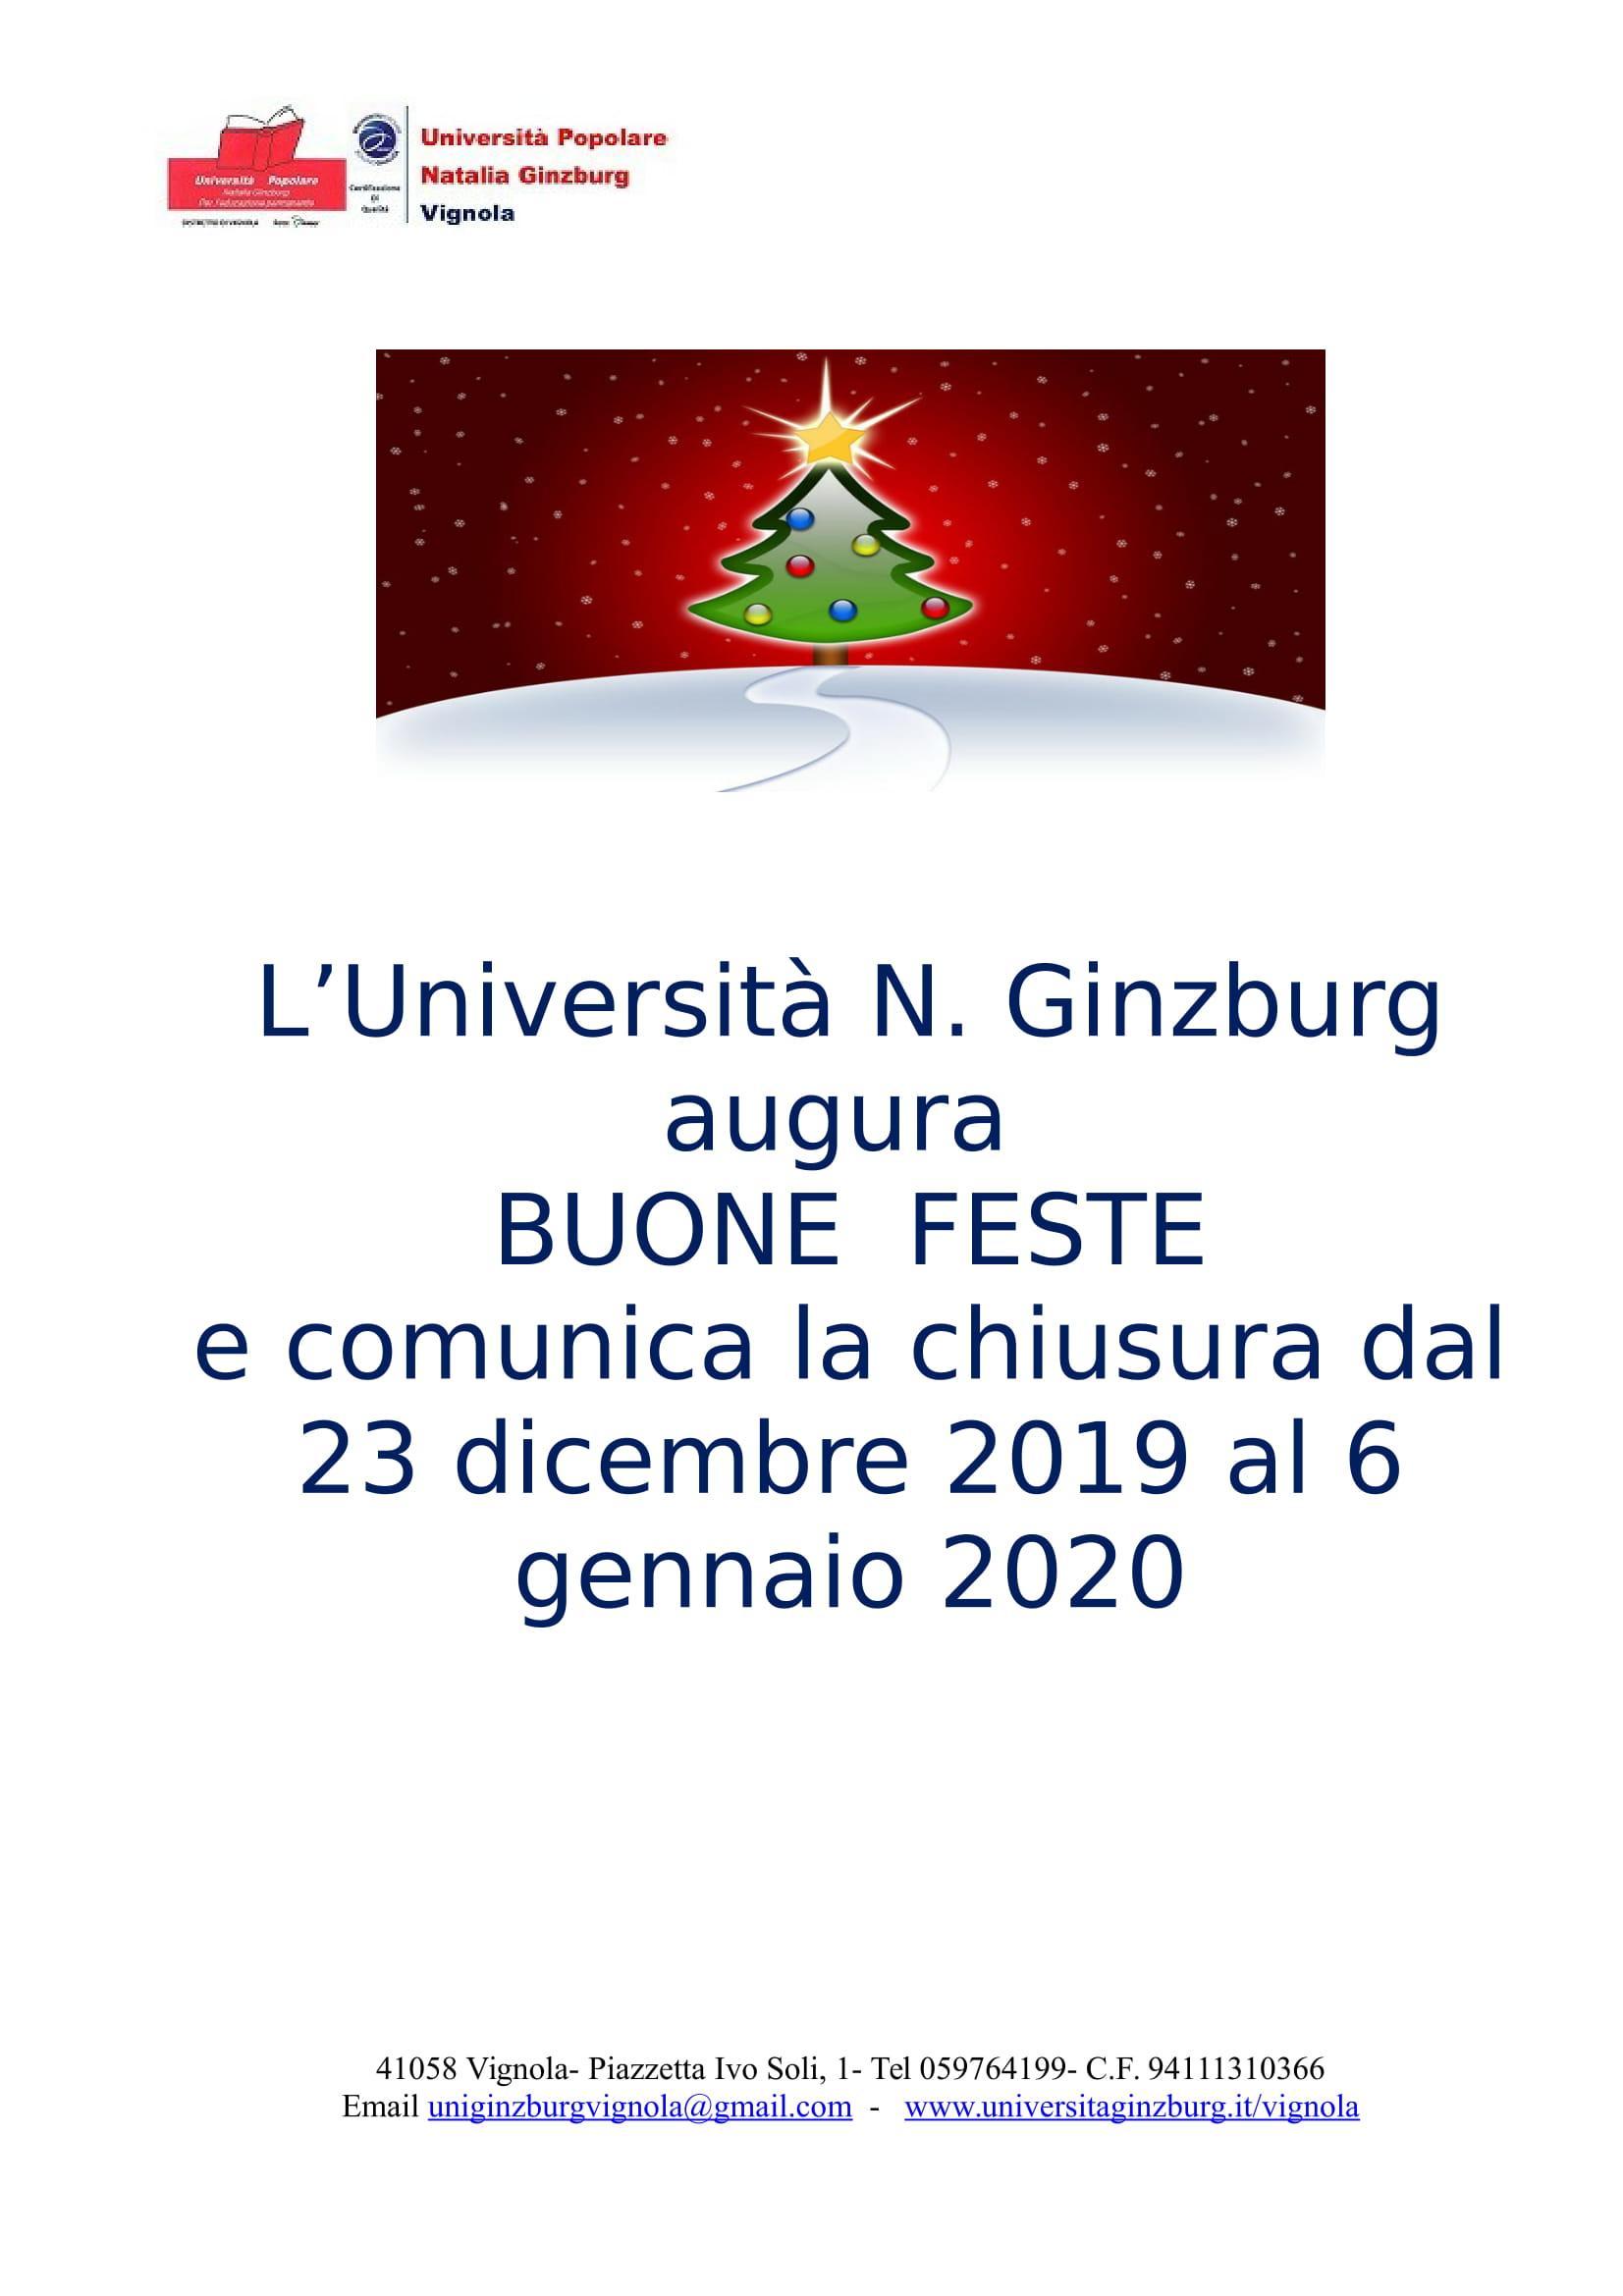 L'Università Natalia Ginzburg augura Buone Feste a tutti!